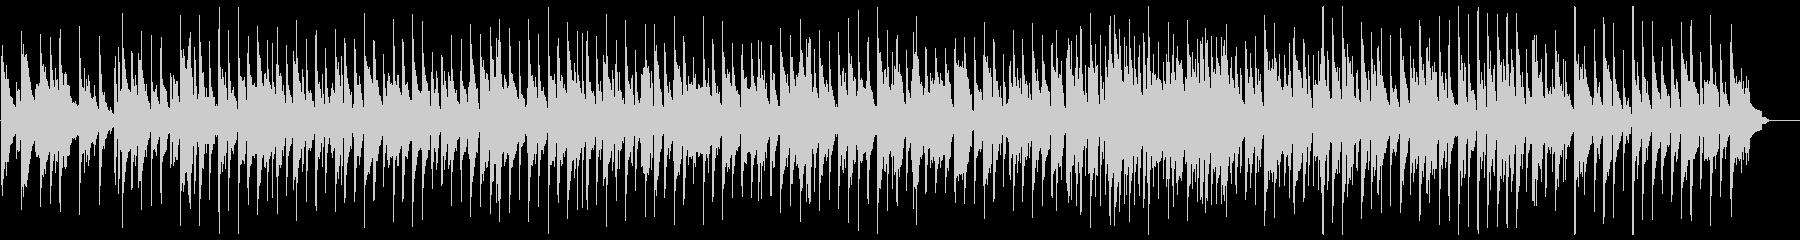 ピアノベースの落ち着いたジャズの未再生の波形